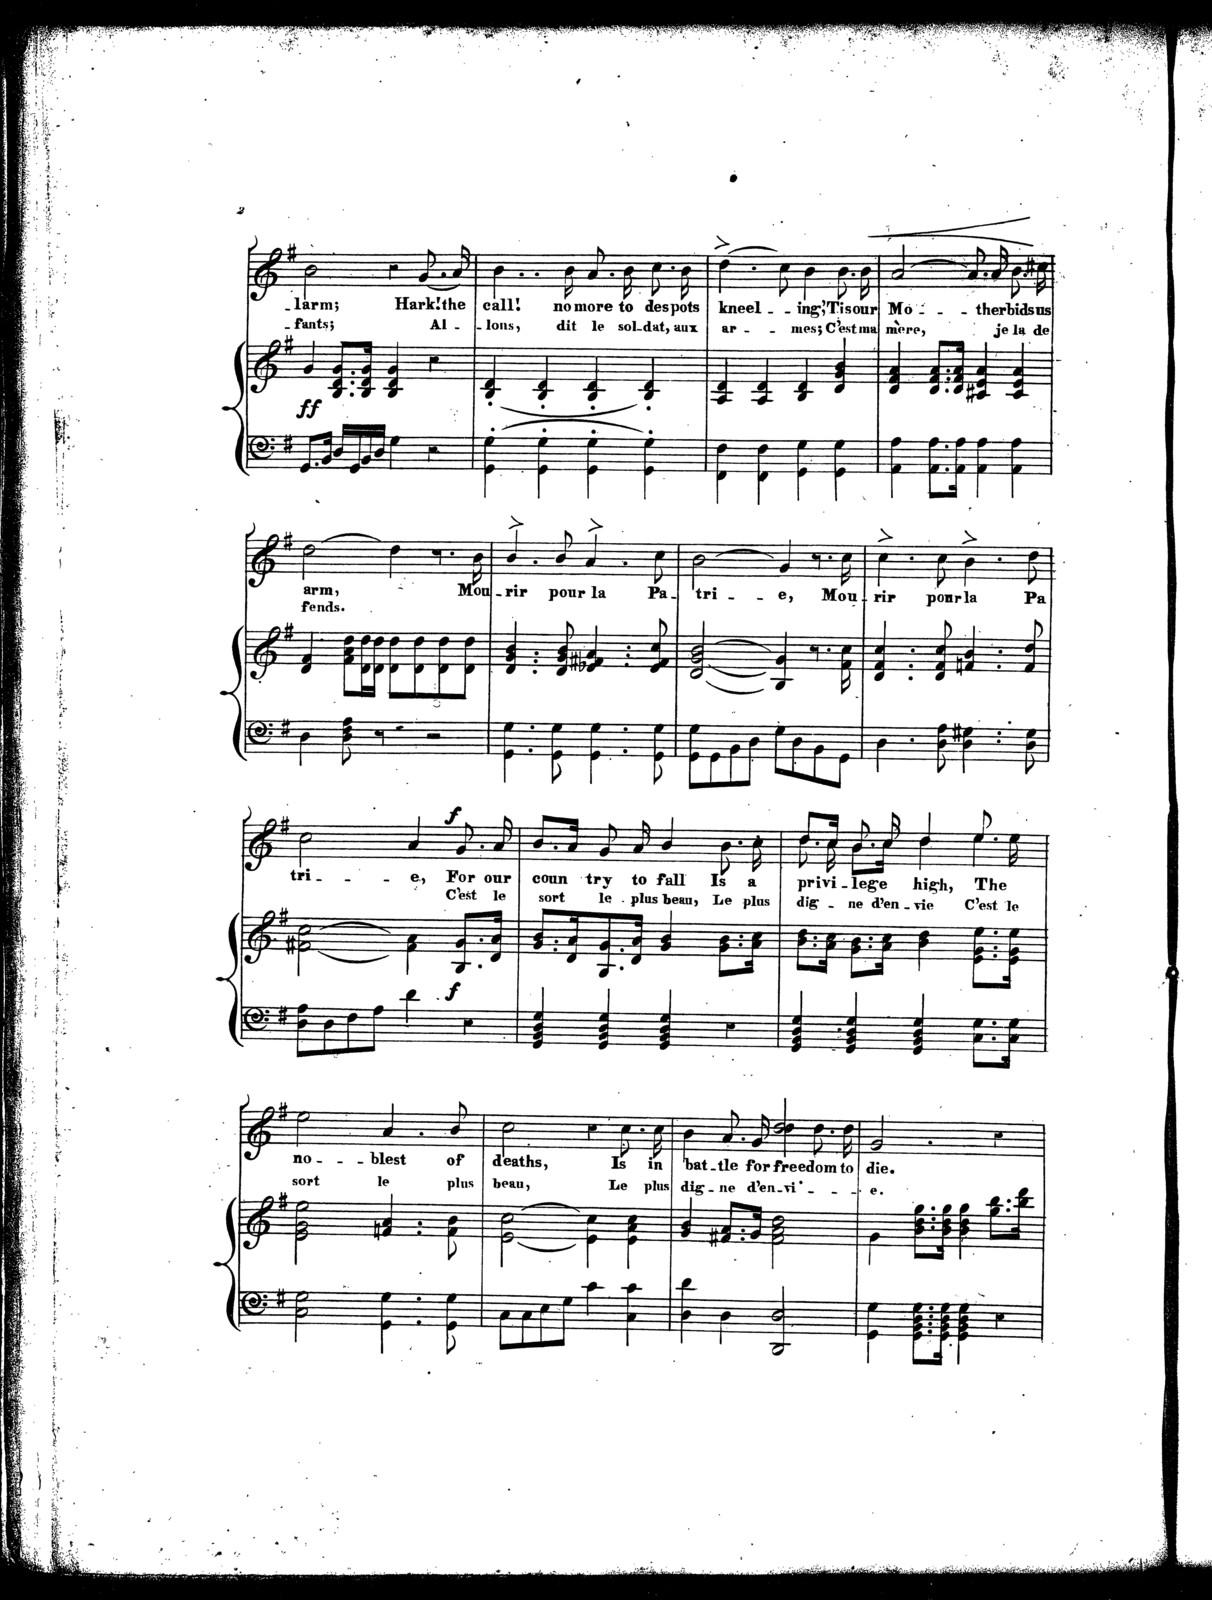 Les  Cirondins, Mourir pour la patrie, revolutionary song '48